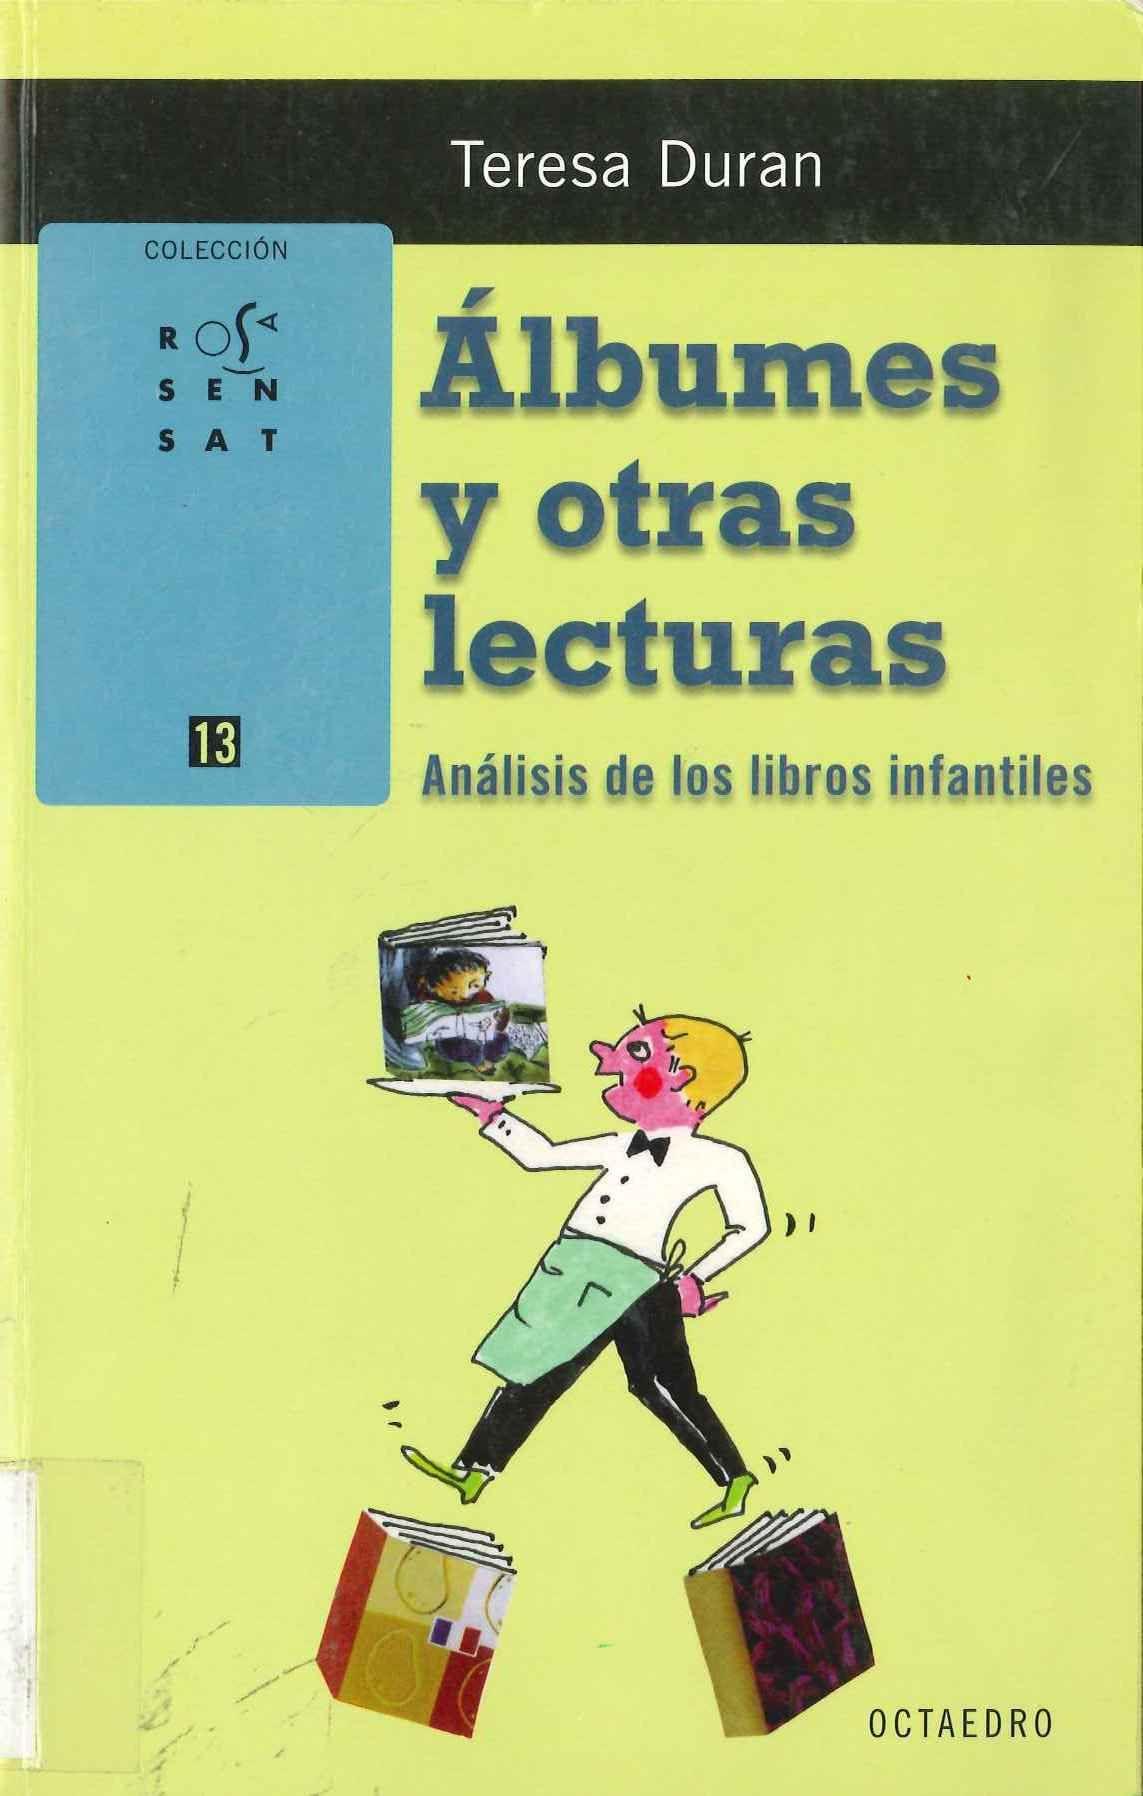 libros infantiles 2009